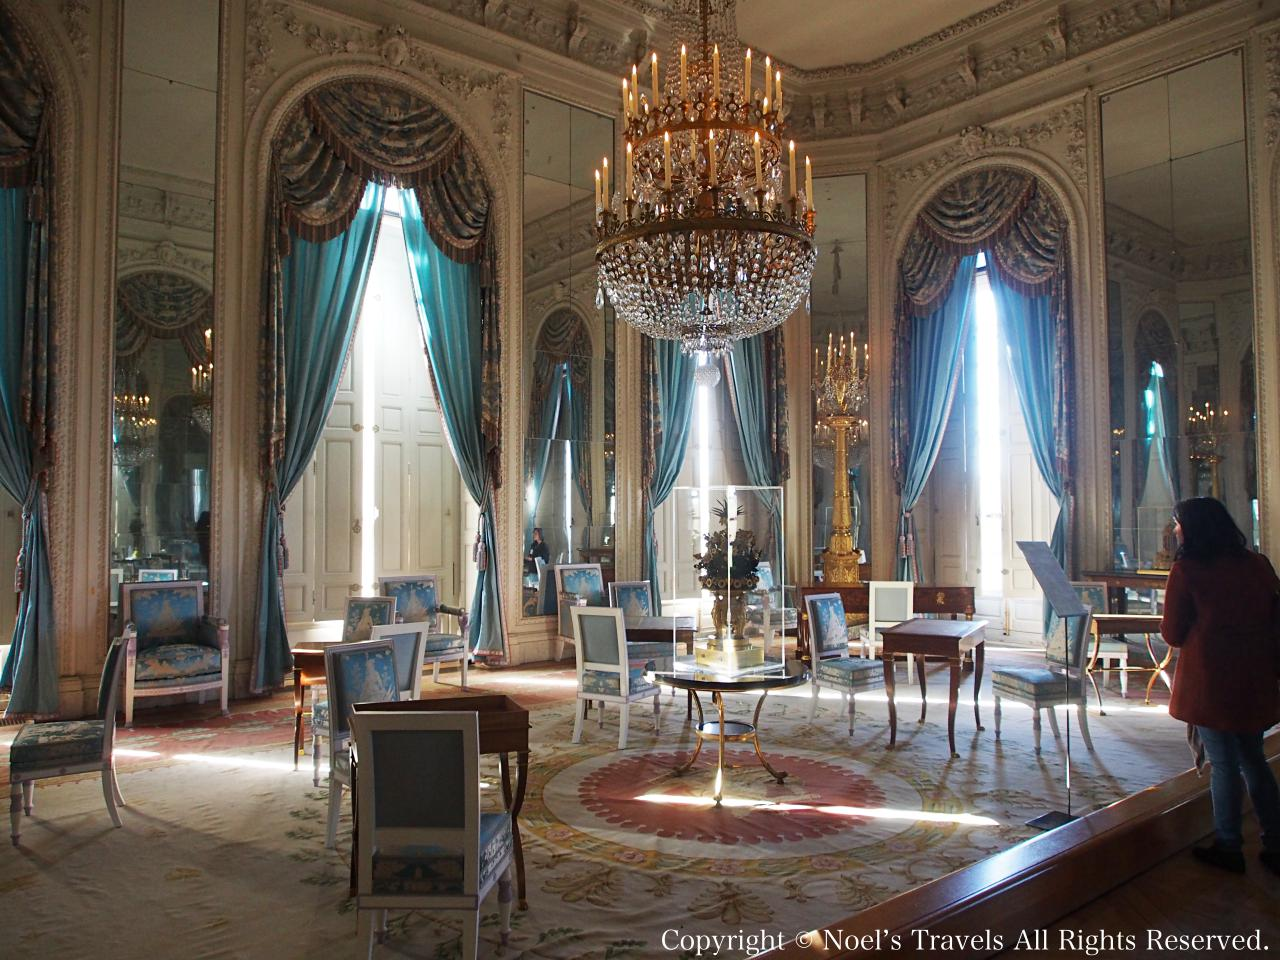 ヴェルサイユ宮殿の大トリアノン